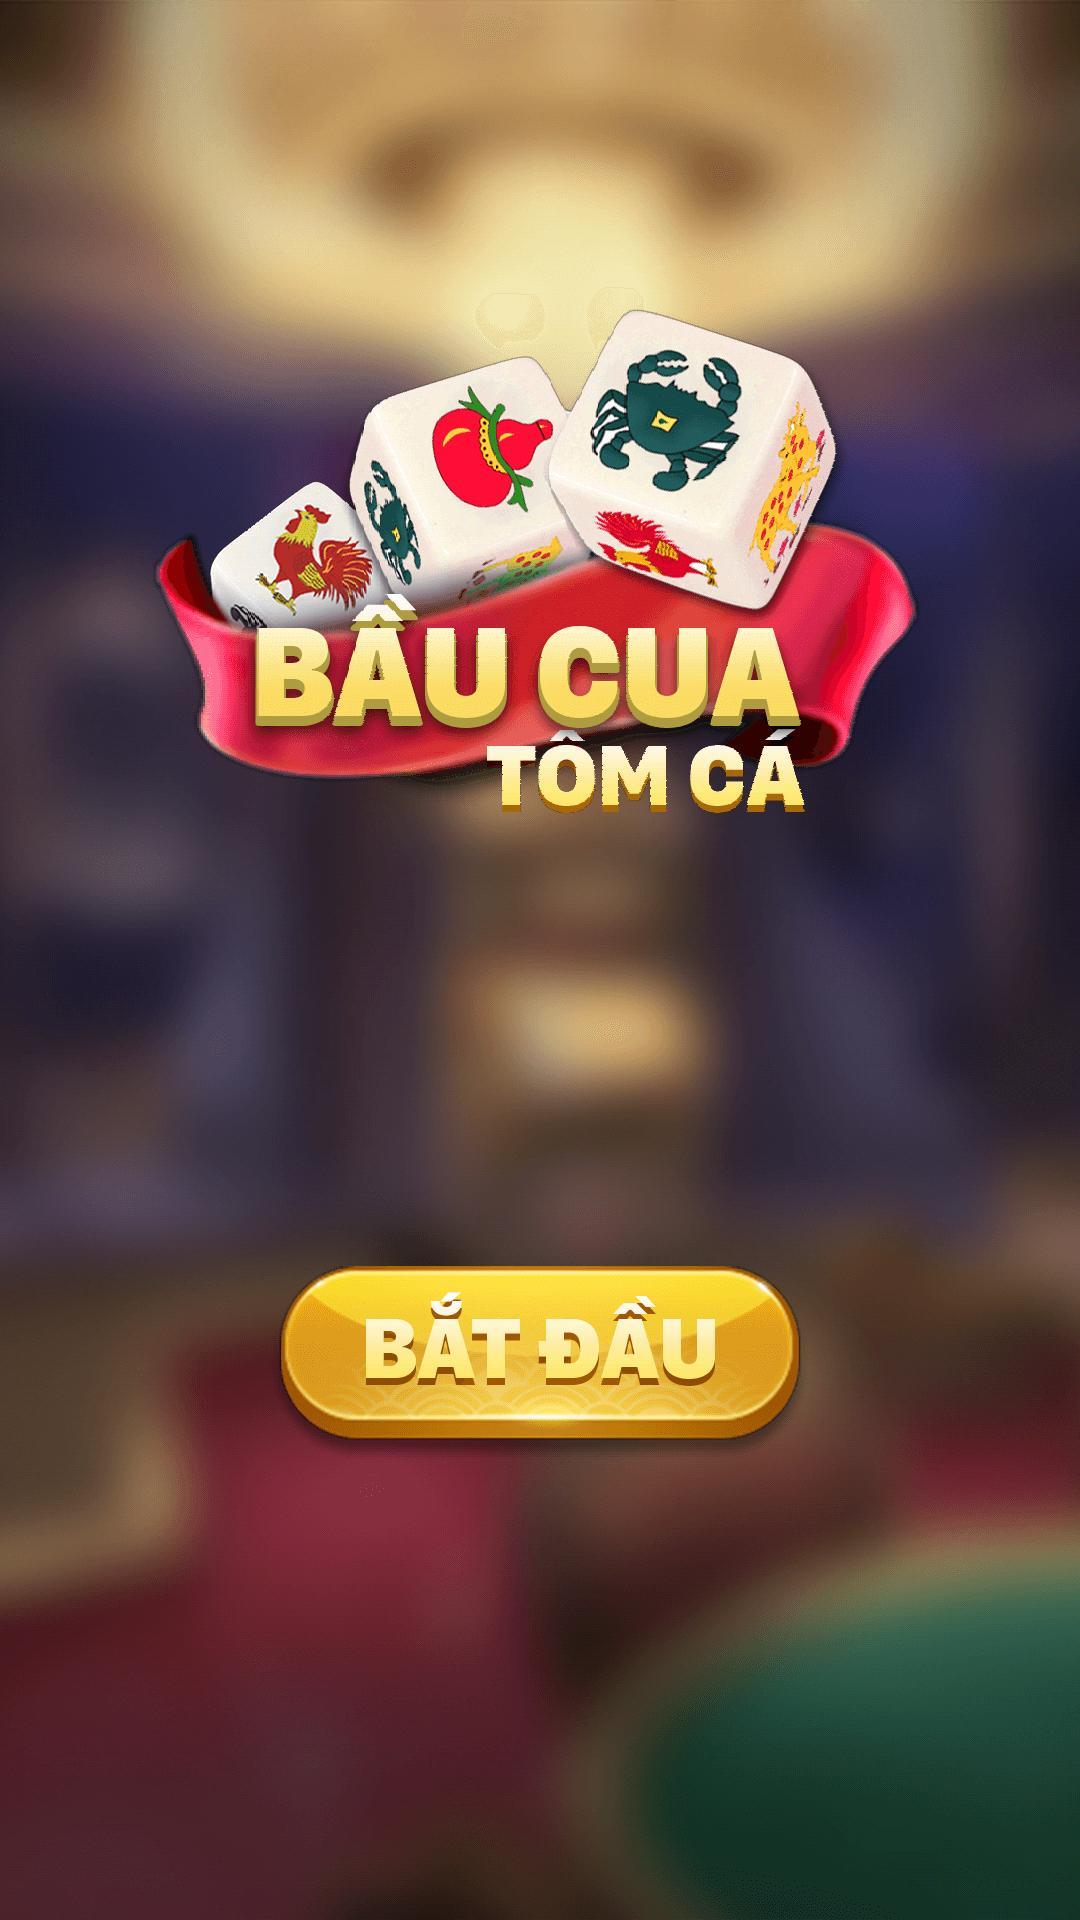 Bau Cua Tom Ca 1.0 Screenshot 1